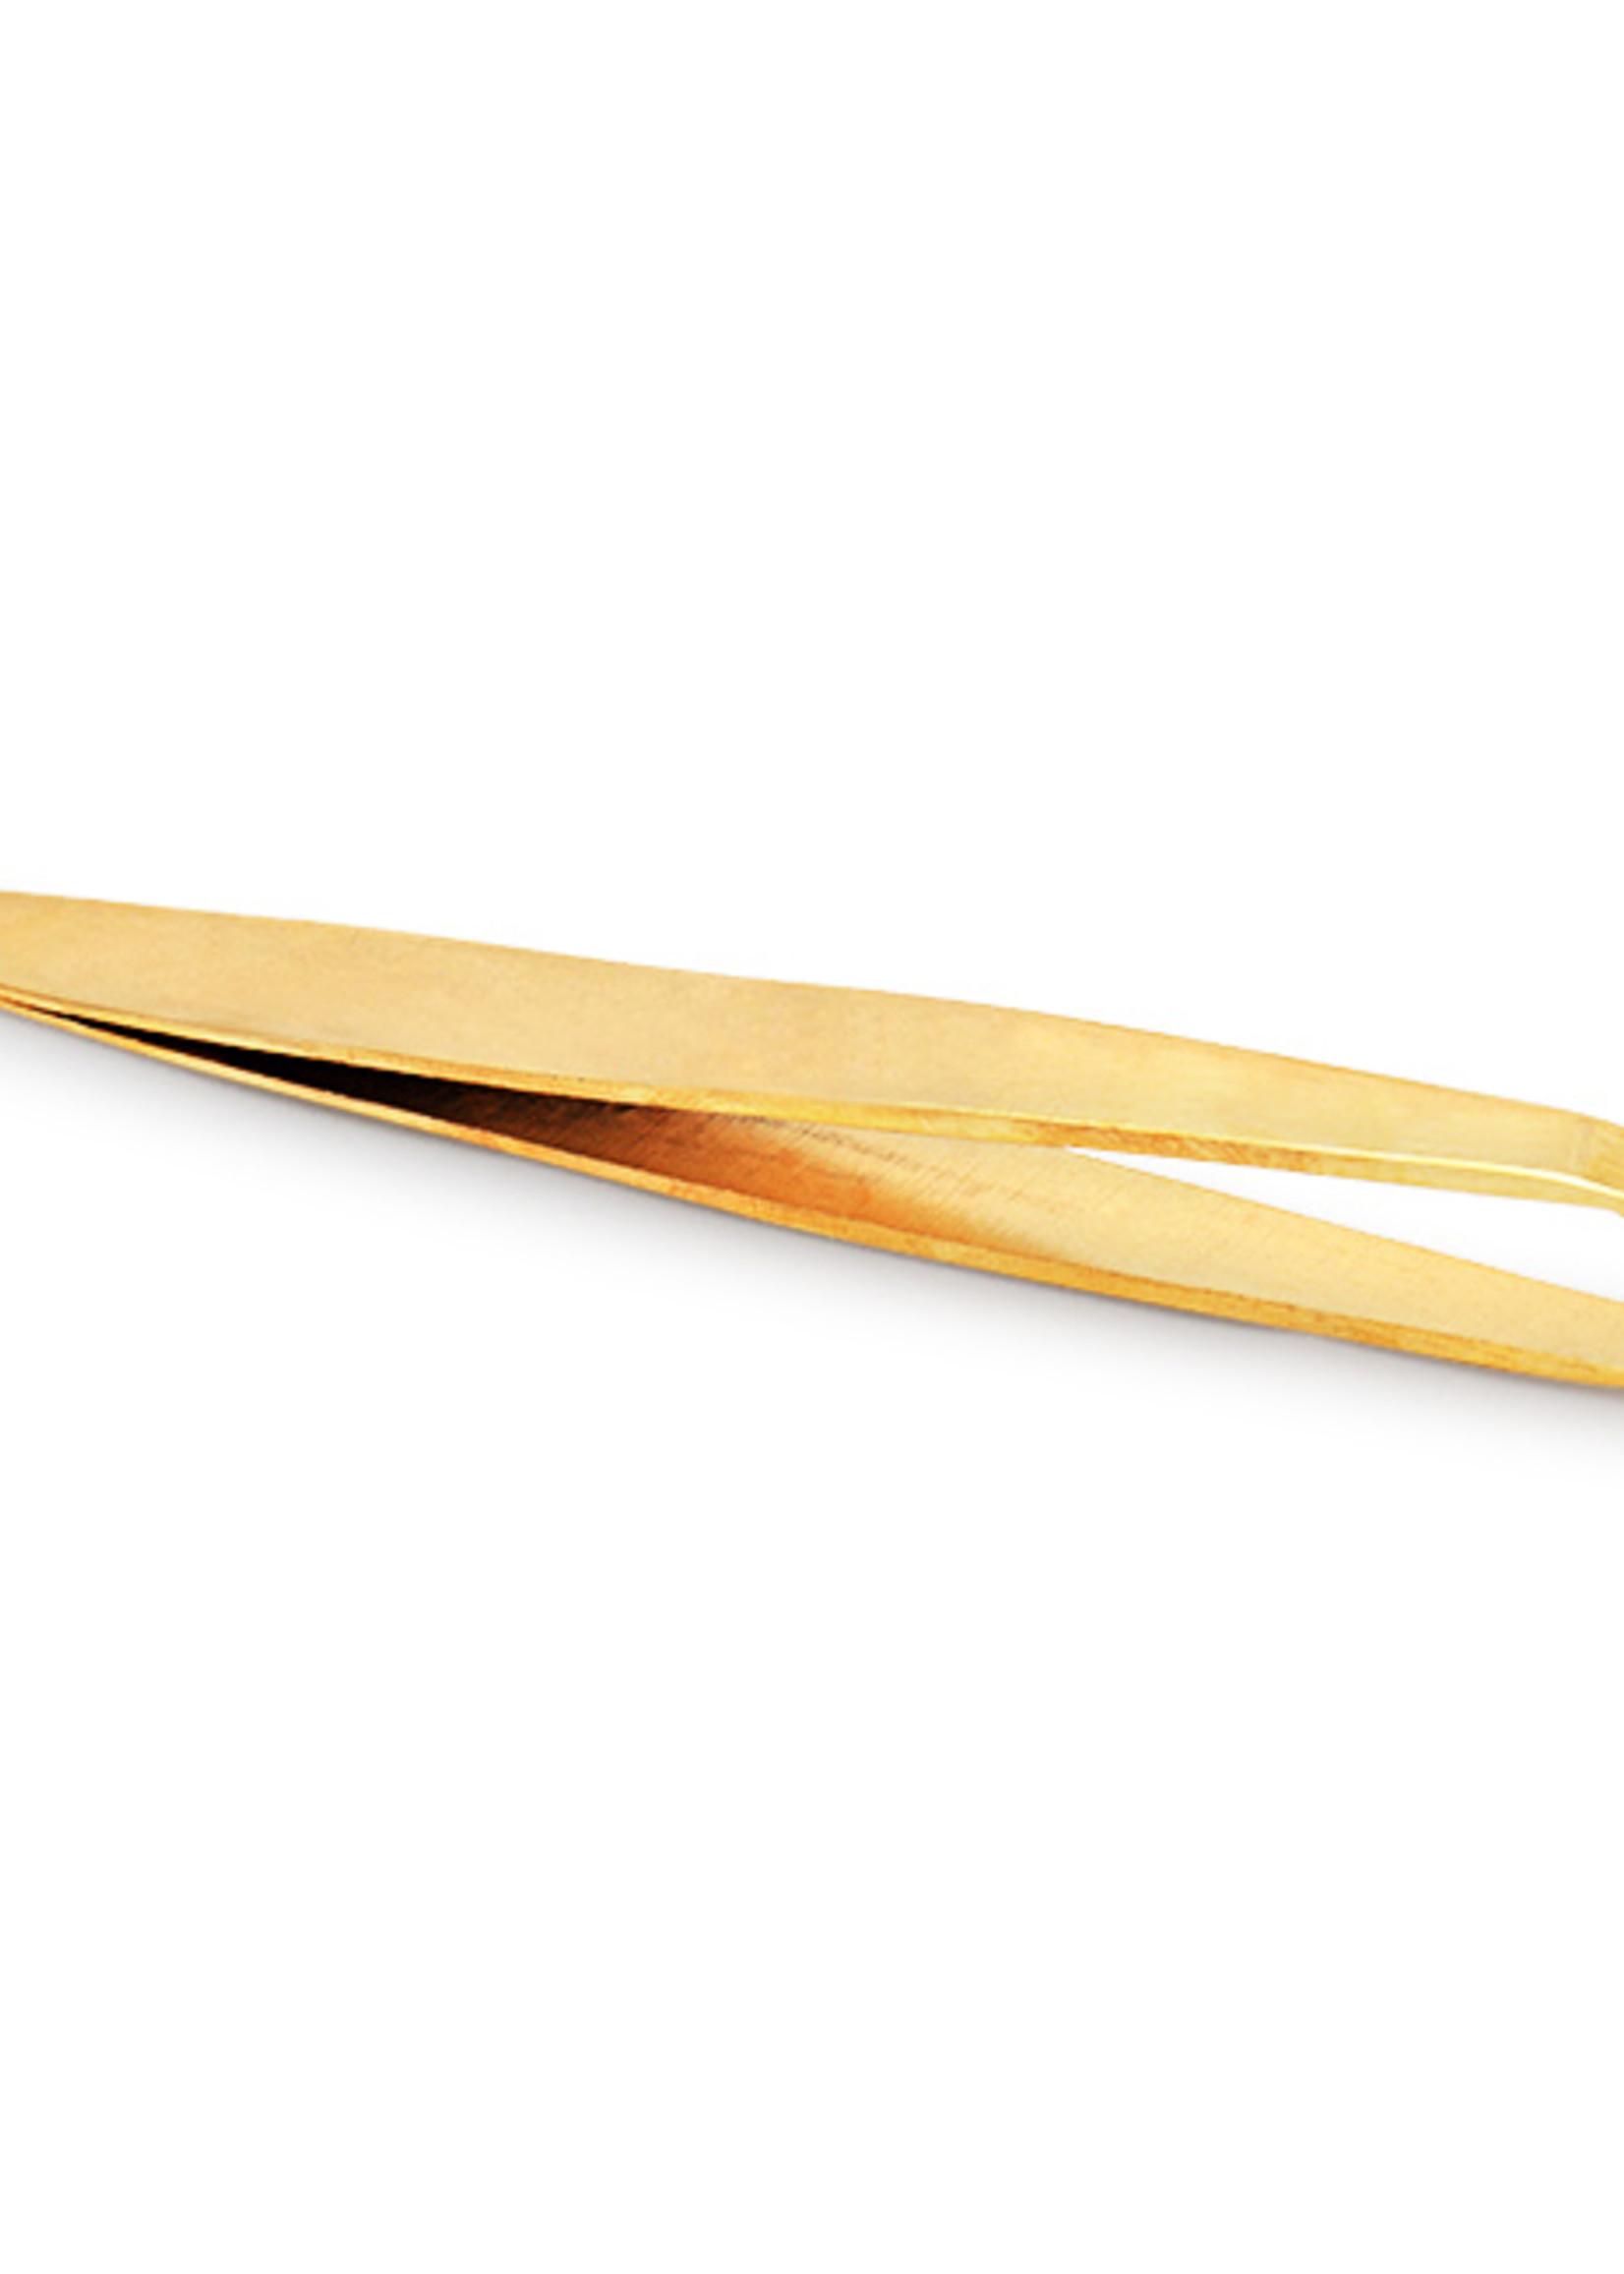 Browguru® Tweezers Gold Edition